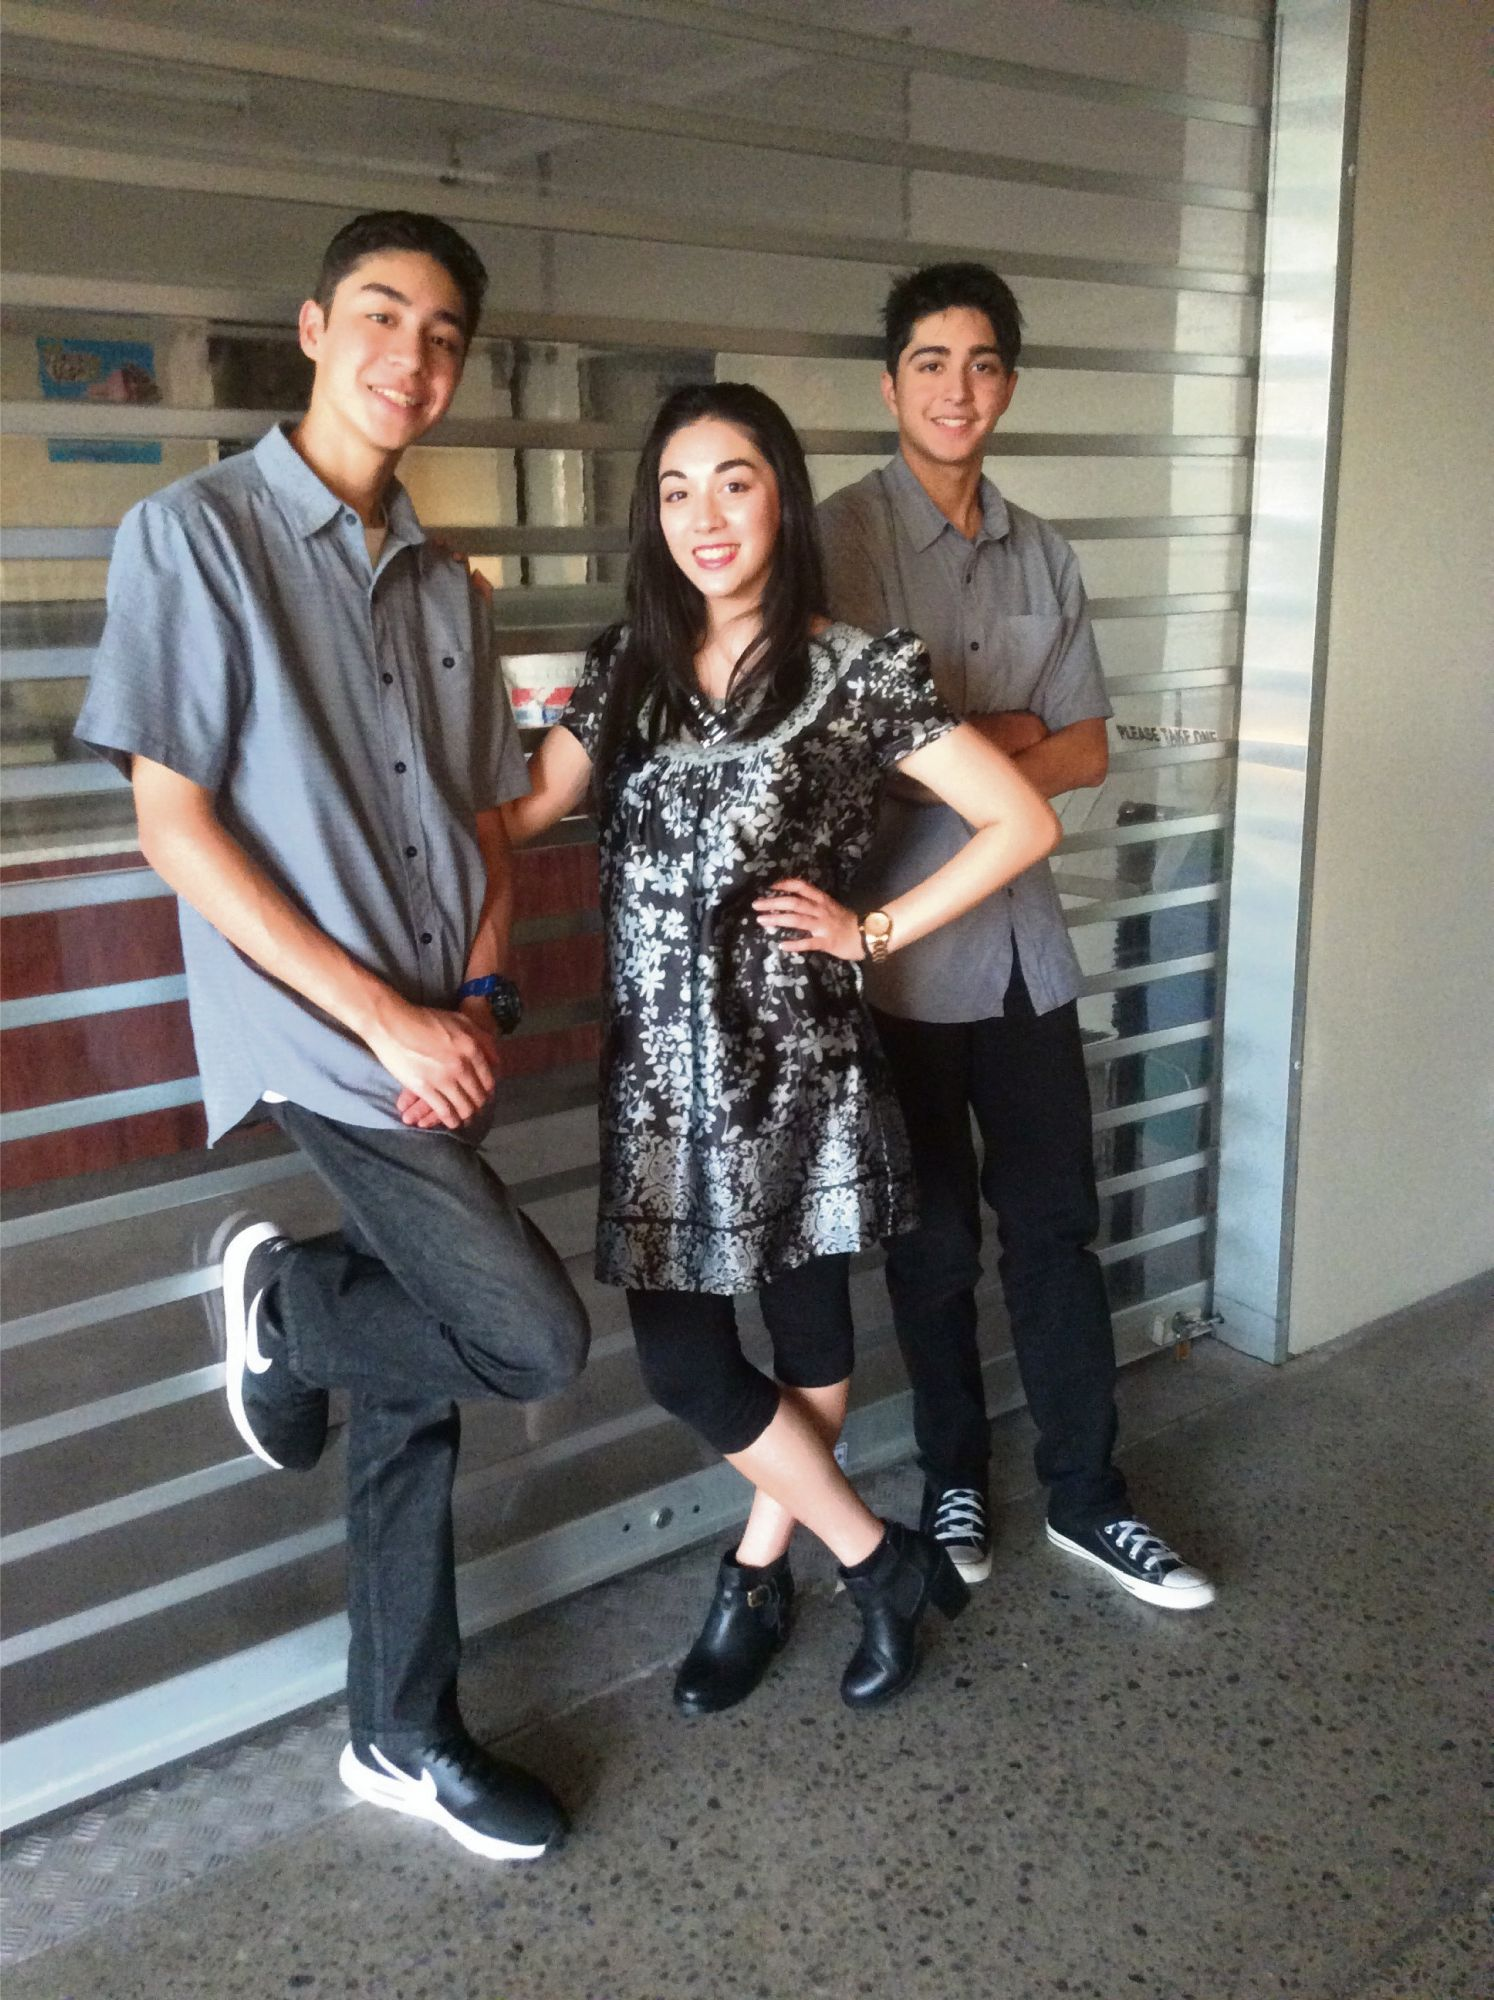 Antonio, Maria and Emilio Gonzalez of the 3Gs.